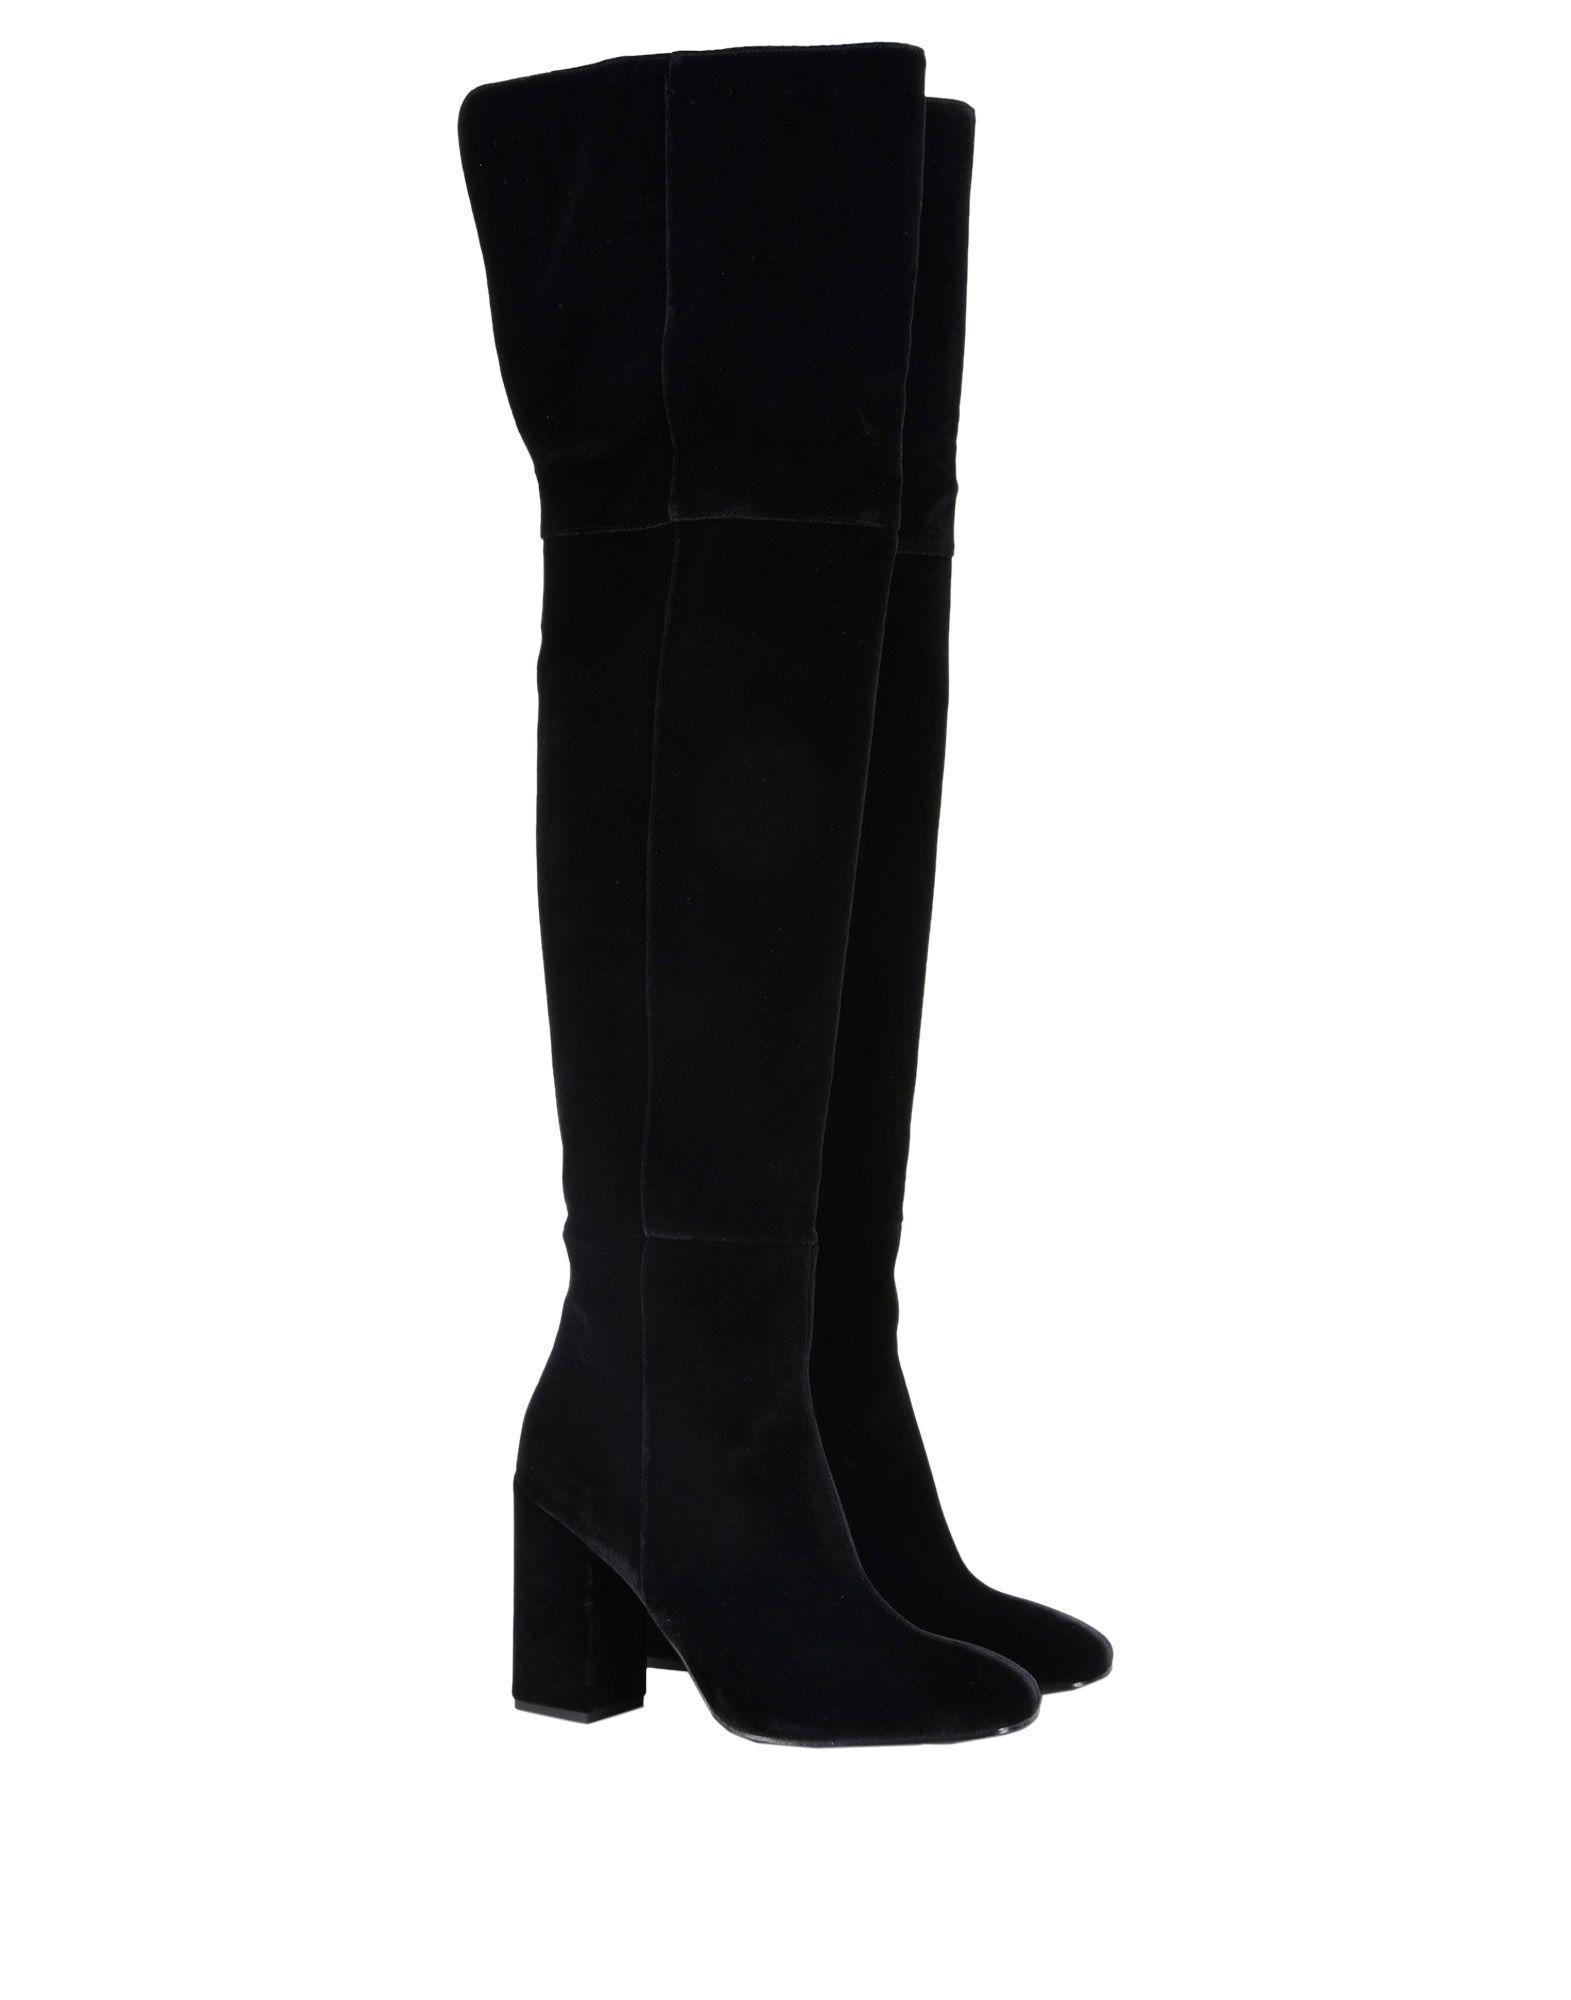 8 Velvet Boots in Black